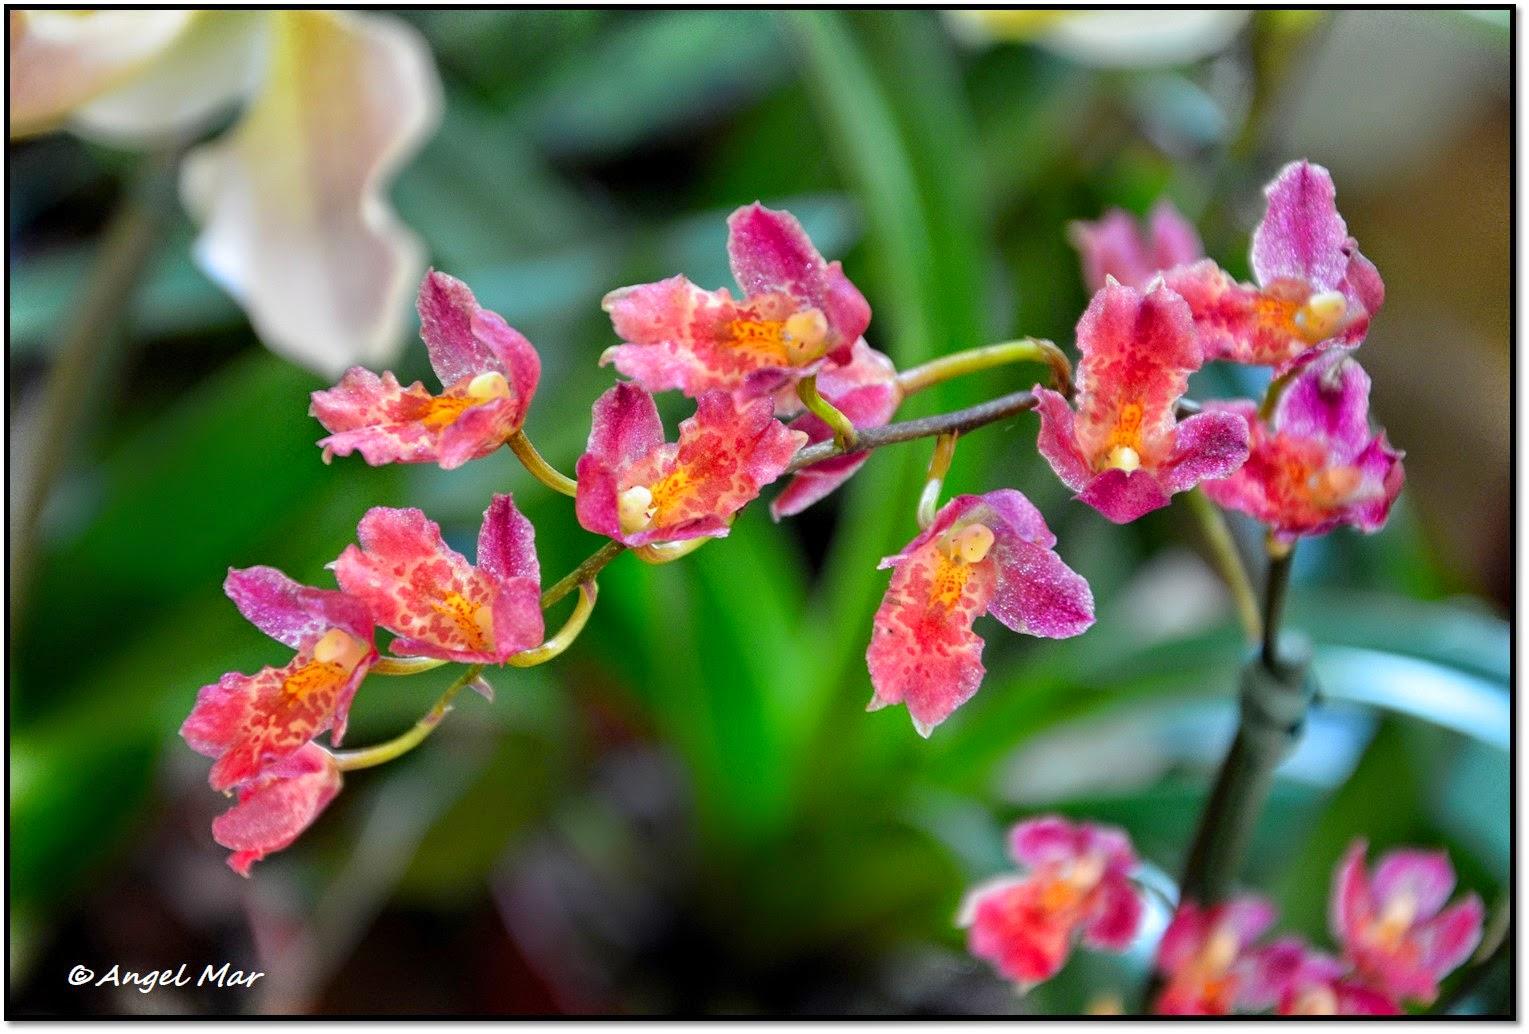 Orquídea de flores Descargar Fotos gratis Freepik - Ver Imagenes De Flores De Orquideas